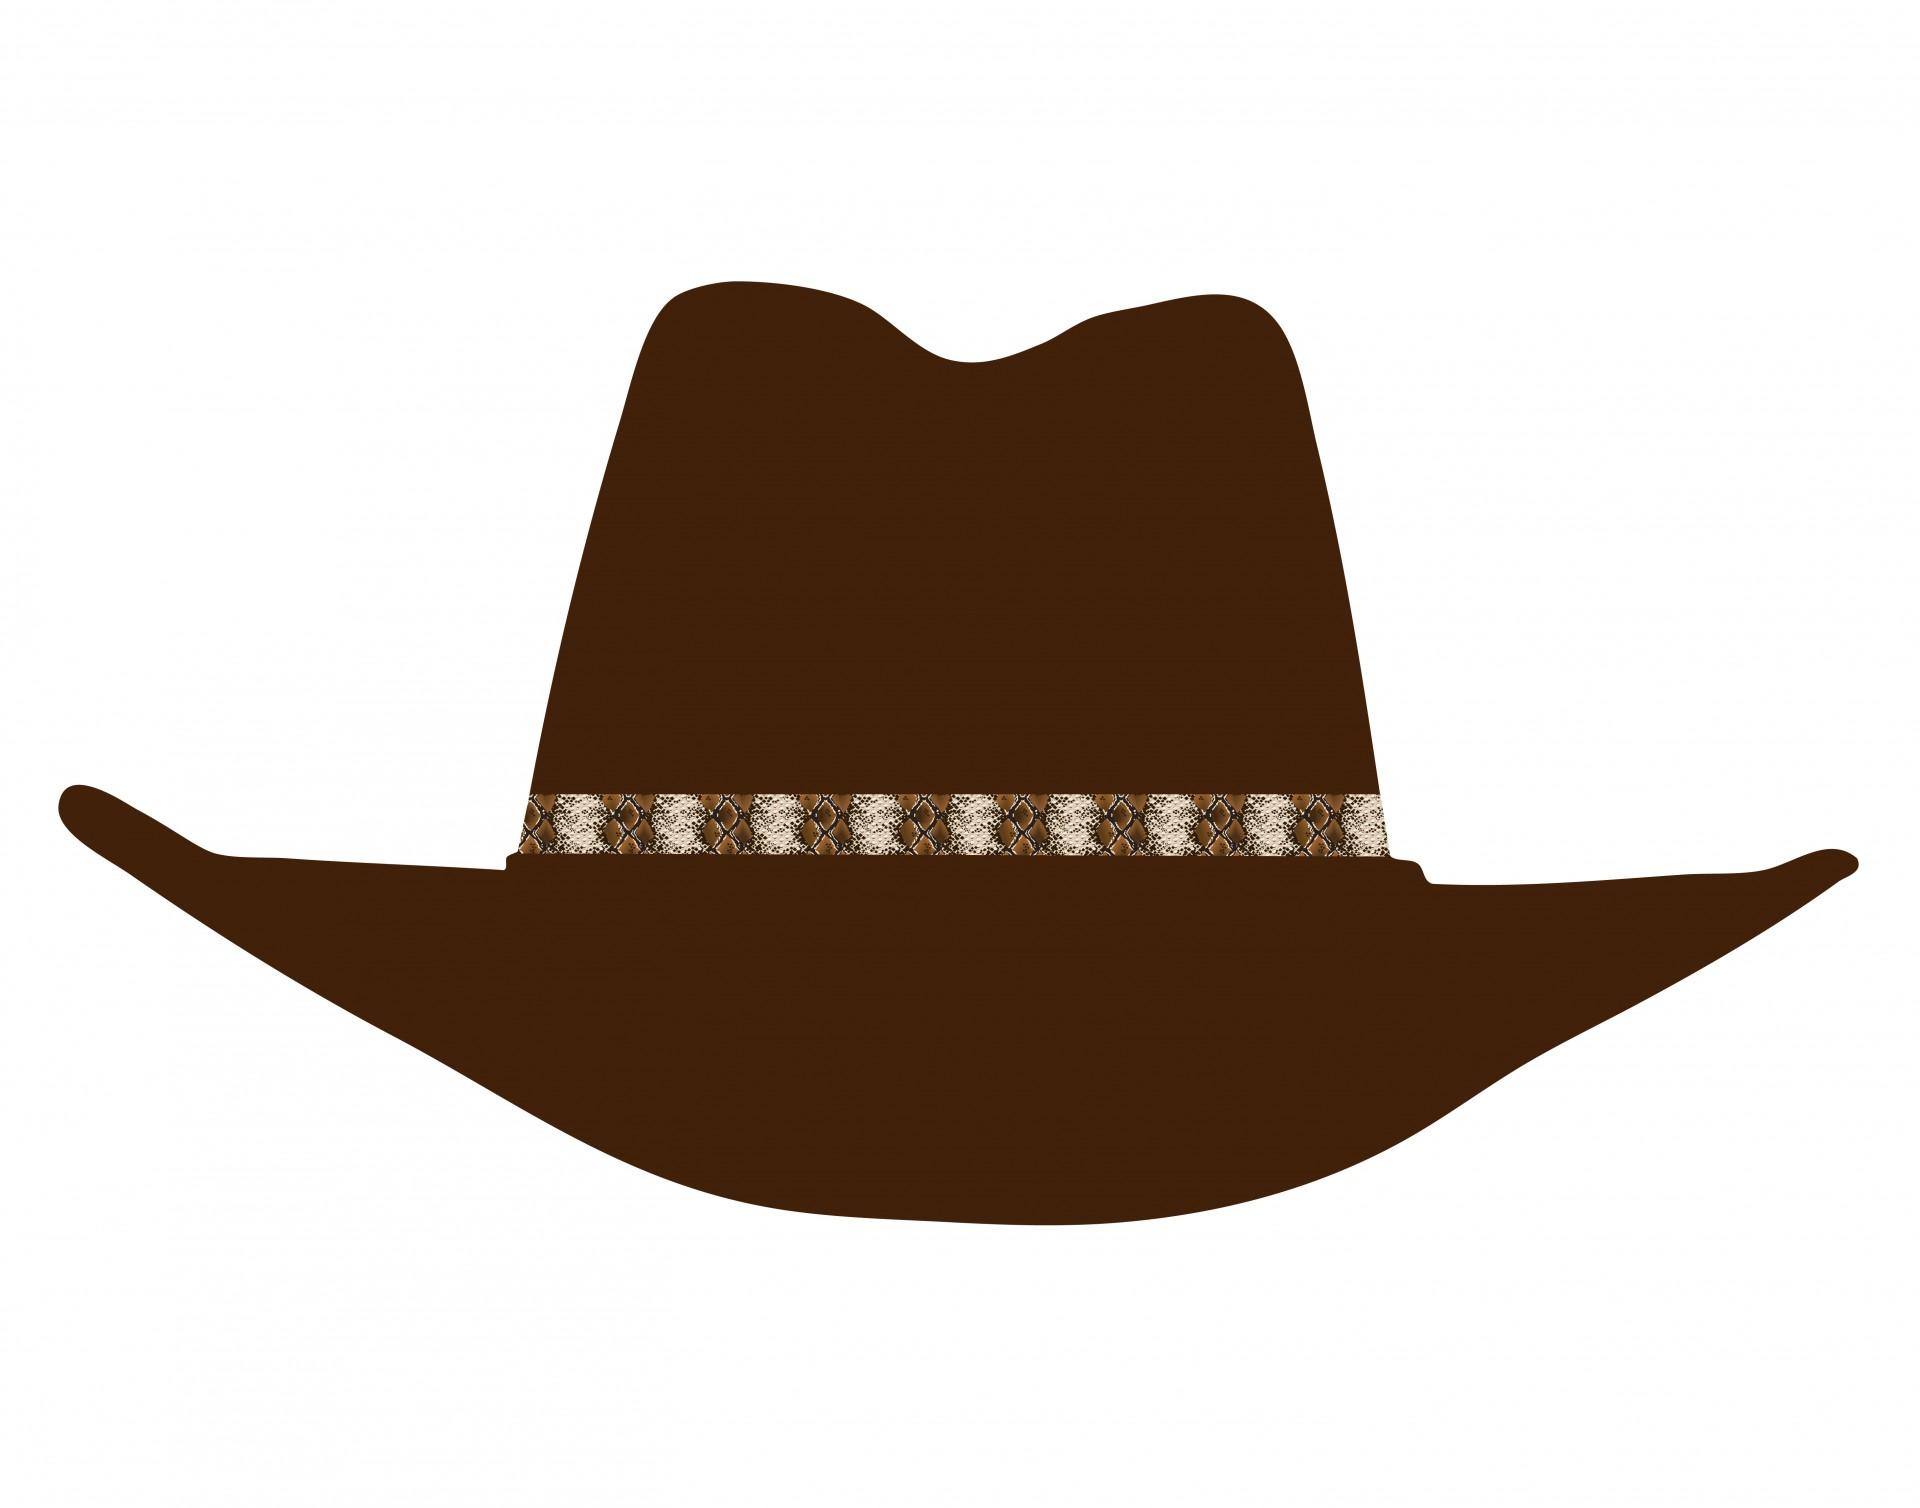 Cowboy Hat Clipart - Clipart Kid